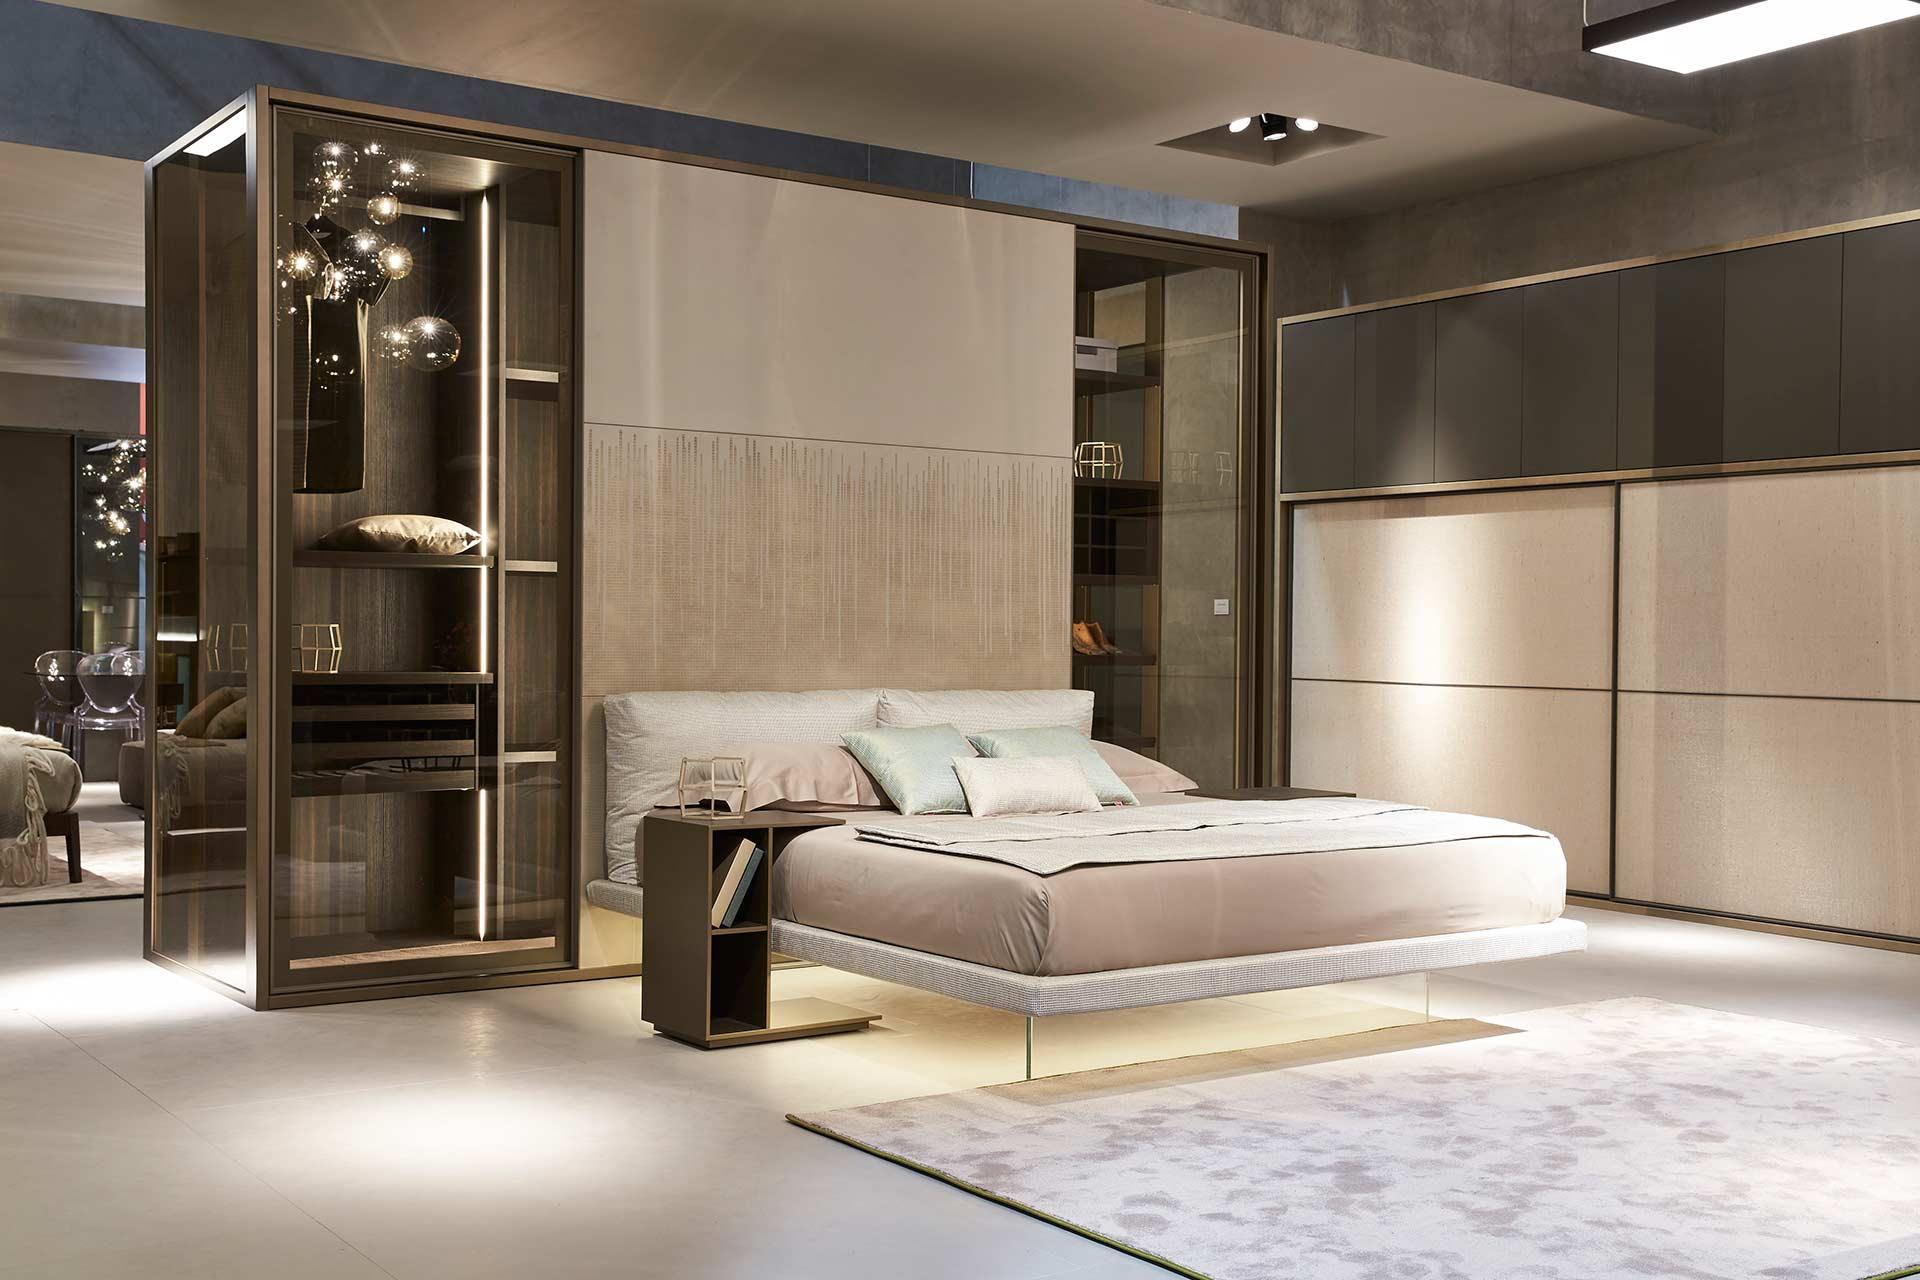 ziemlich schr nke als raumteiler zeitgen ssisch die besten wohnideen. Black Bedroom Furniture Sets. Home Design Ideas